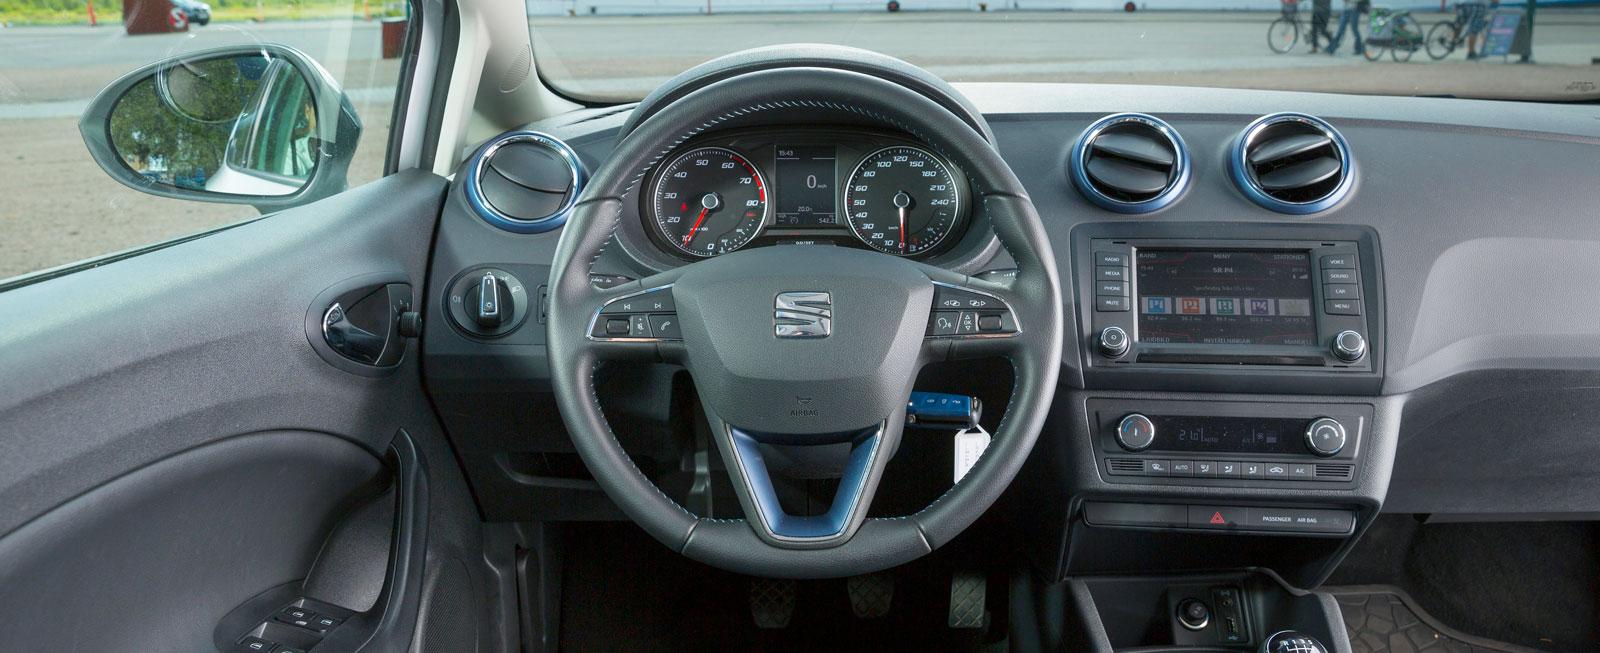 Stram och lättöverskådlig förarmiljö utan dolda knappar, enligt klassiskt VW-recept. Skön sittkomfort och god justermån på ratten.